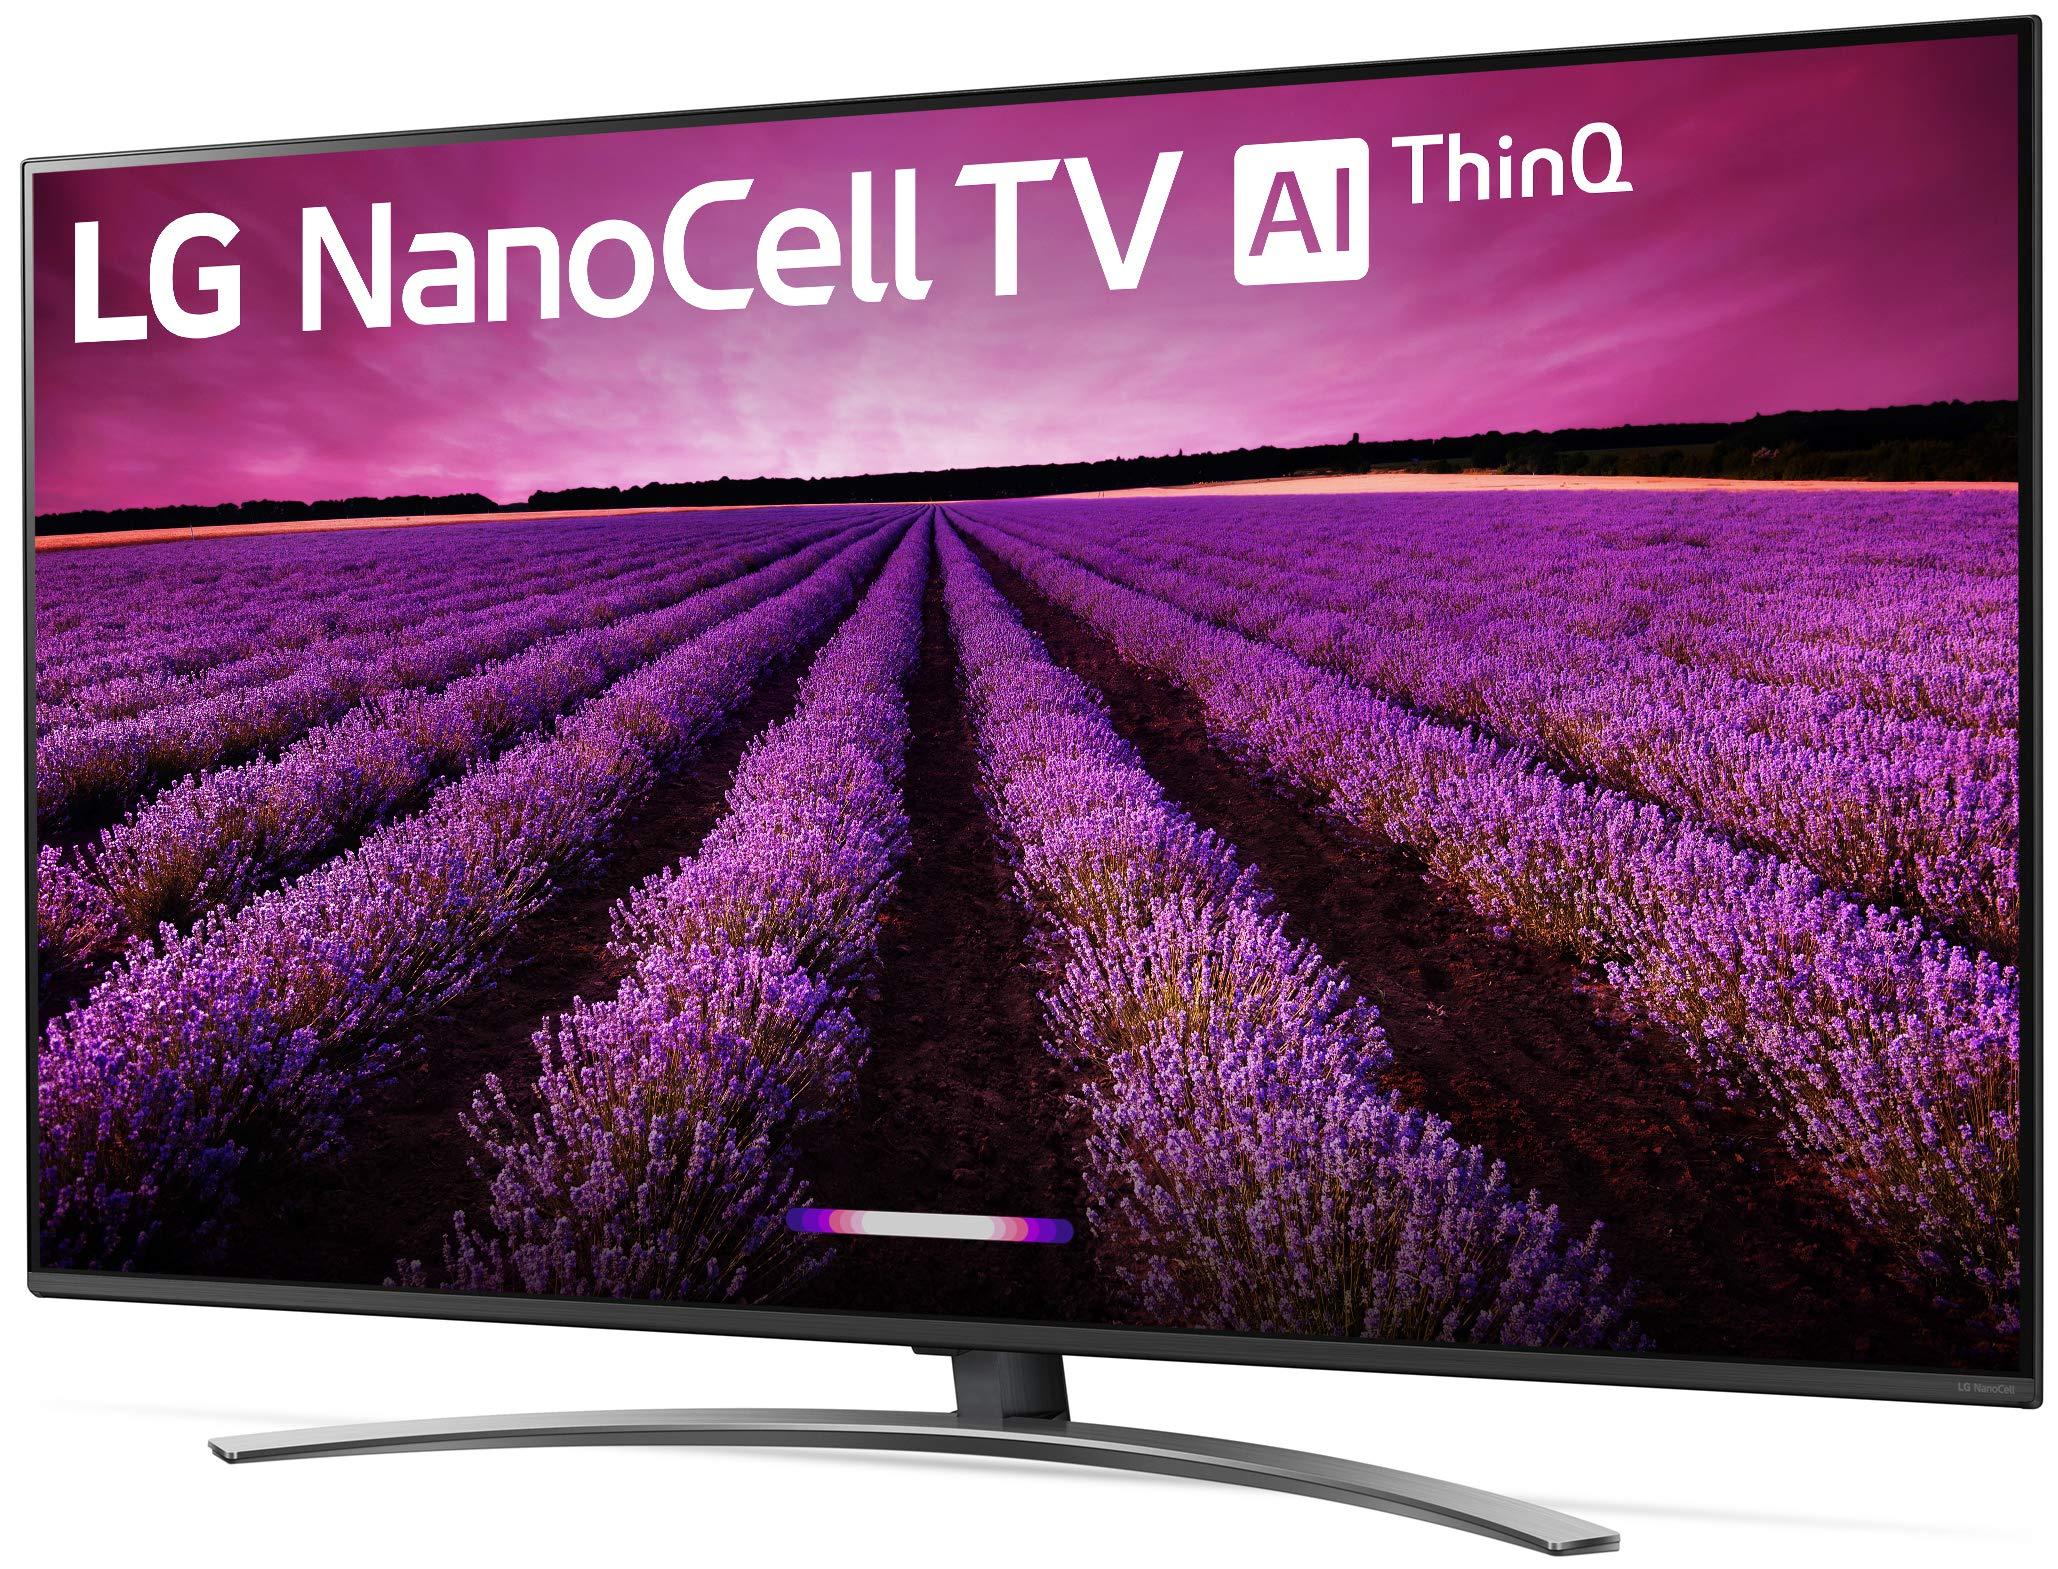 LG Electronics 55SM8100AUA Nano 8 Series 5 Negro Adaptador de Cable: Amazon.es: Electrónica